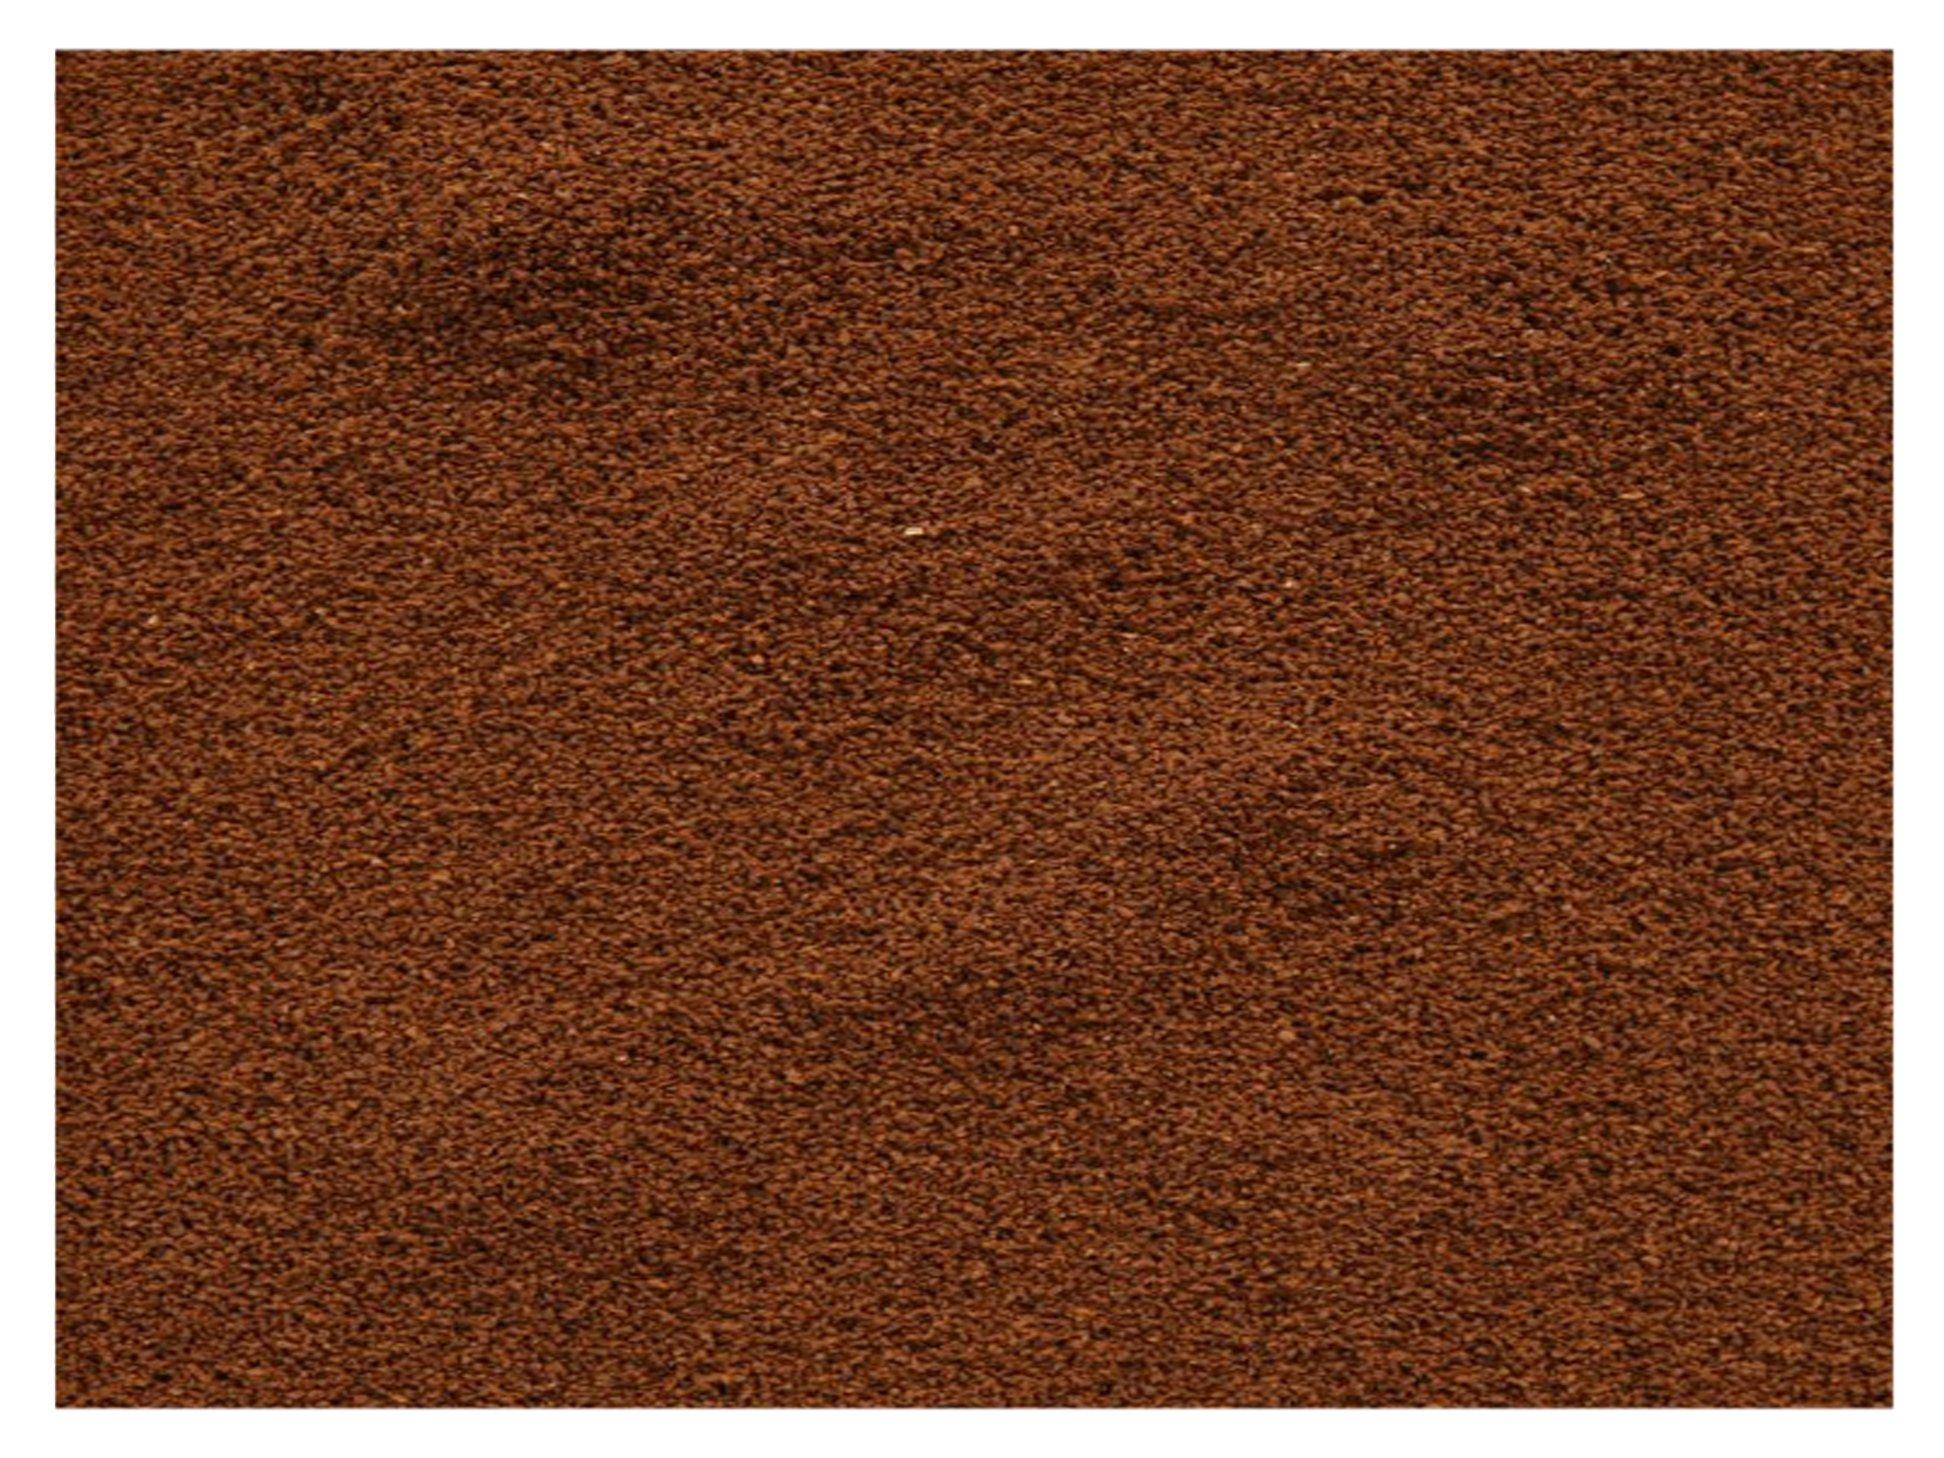 ZÁKLADNÉ GRAN WYSOKOBIAŁKOWY JEDLA 1 kg 1.2-1.5 mm